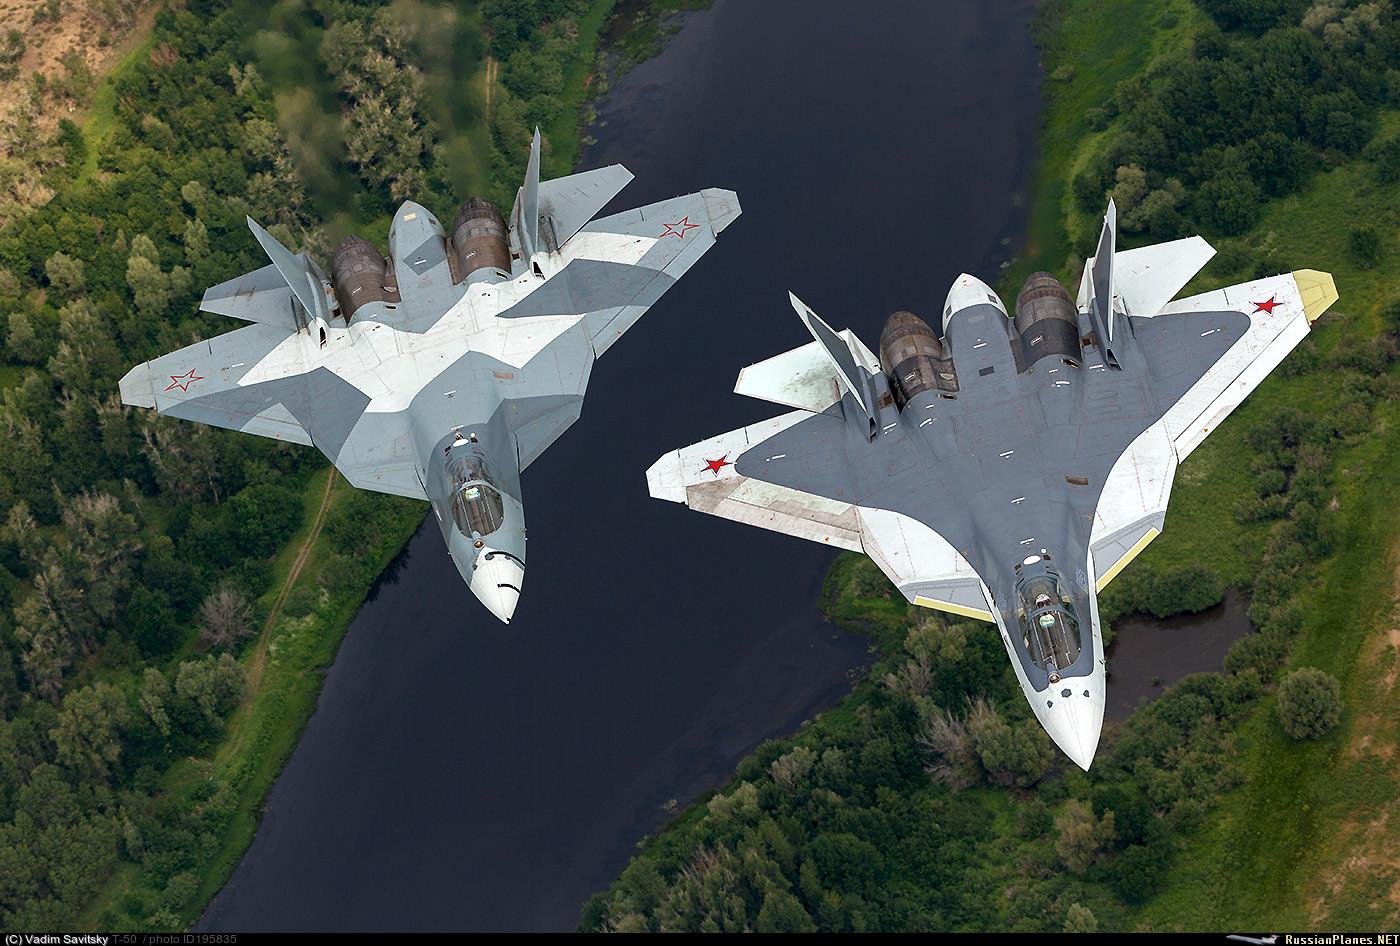 Два летных опытных образца истребителя пятого поколения Т-50 (ПАК ФА). Июль 2016 года.